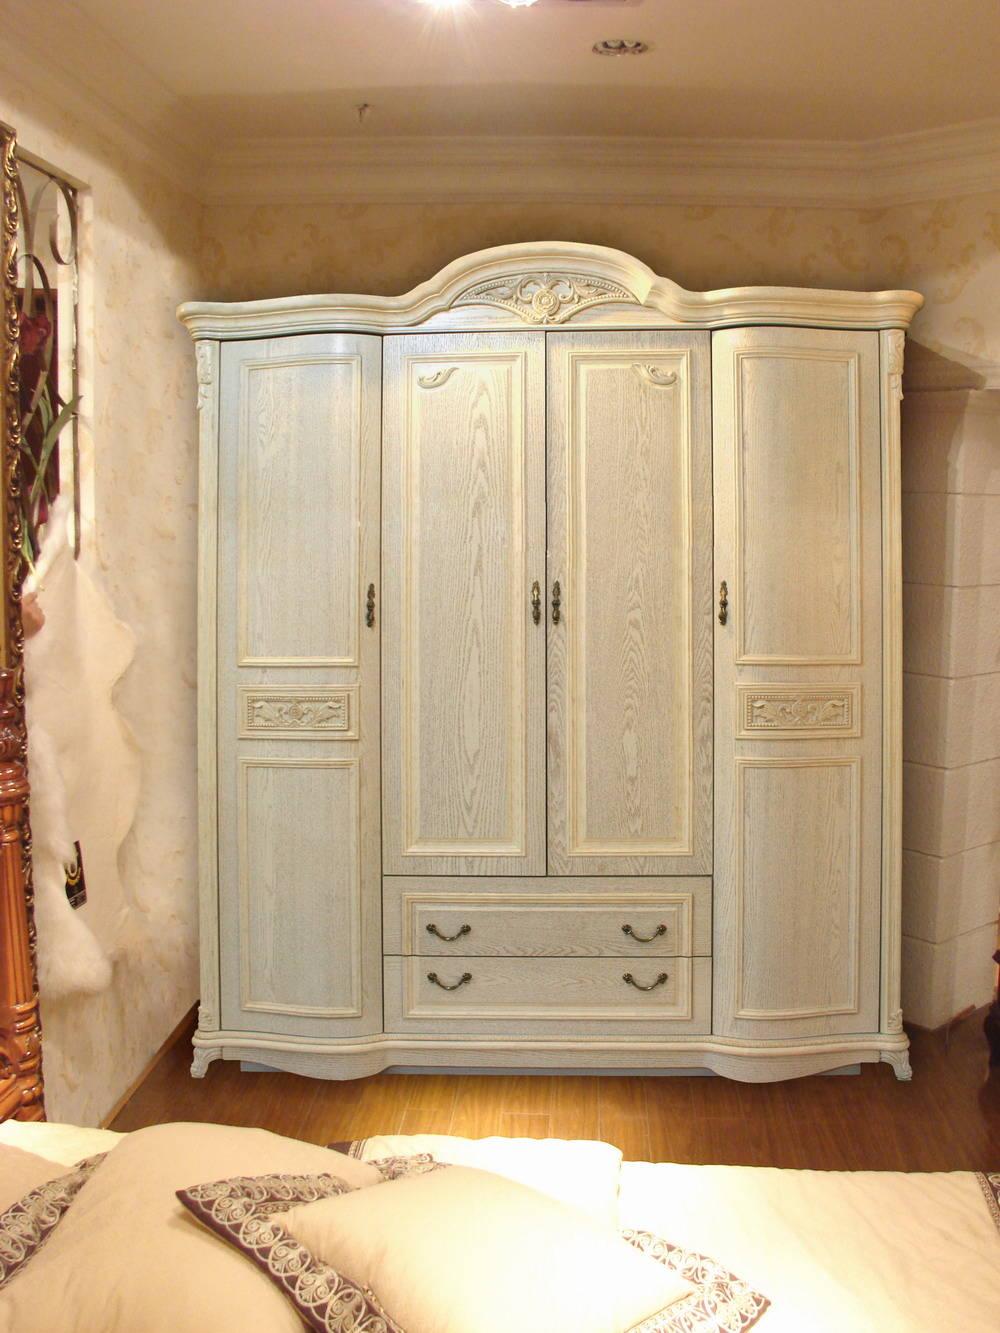 威龙家具-床头柜侧面 威龙家具-床 威龙家具-衣柜